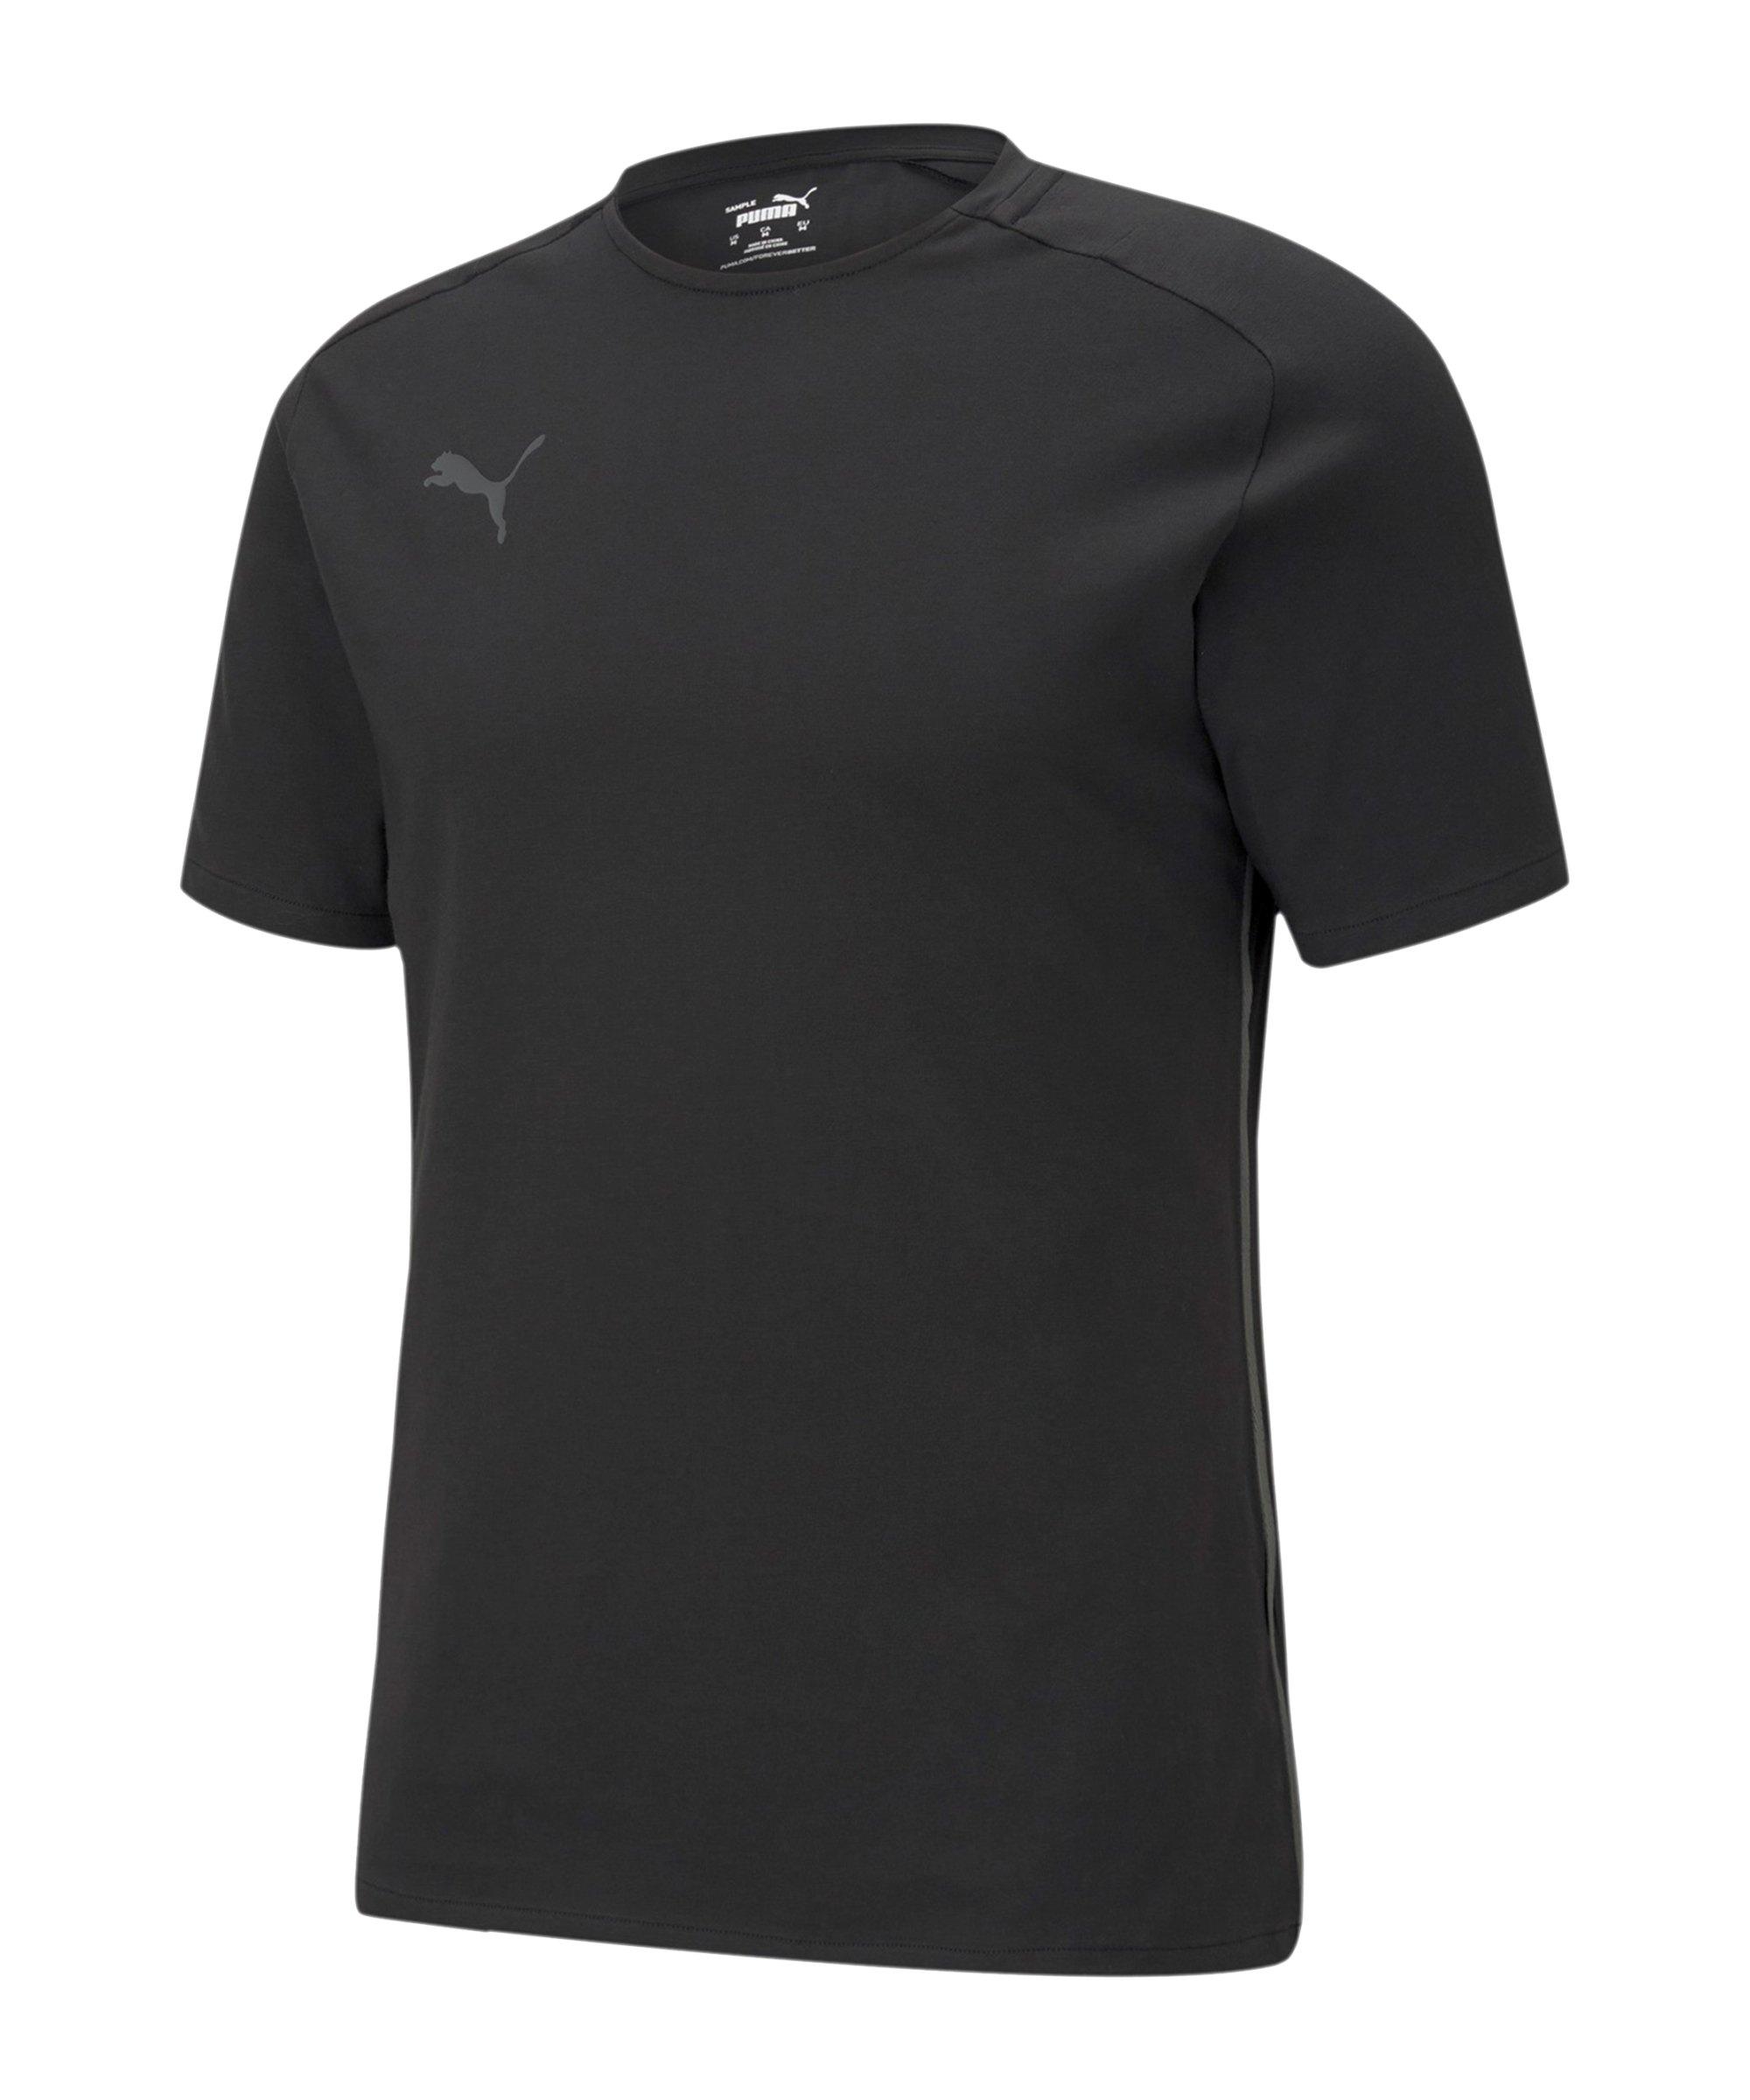 PUMA teamCUP Casuals T-Shirt Schwarz F03 - schwarz